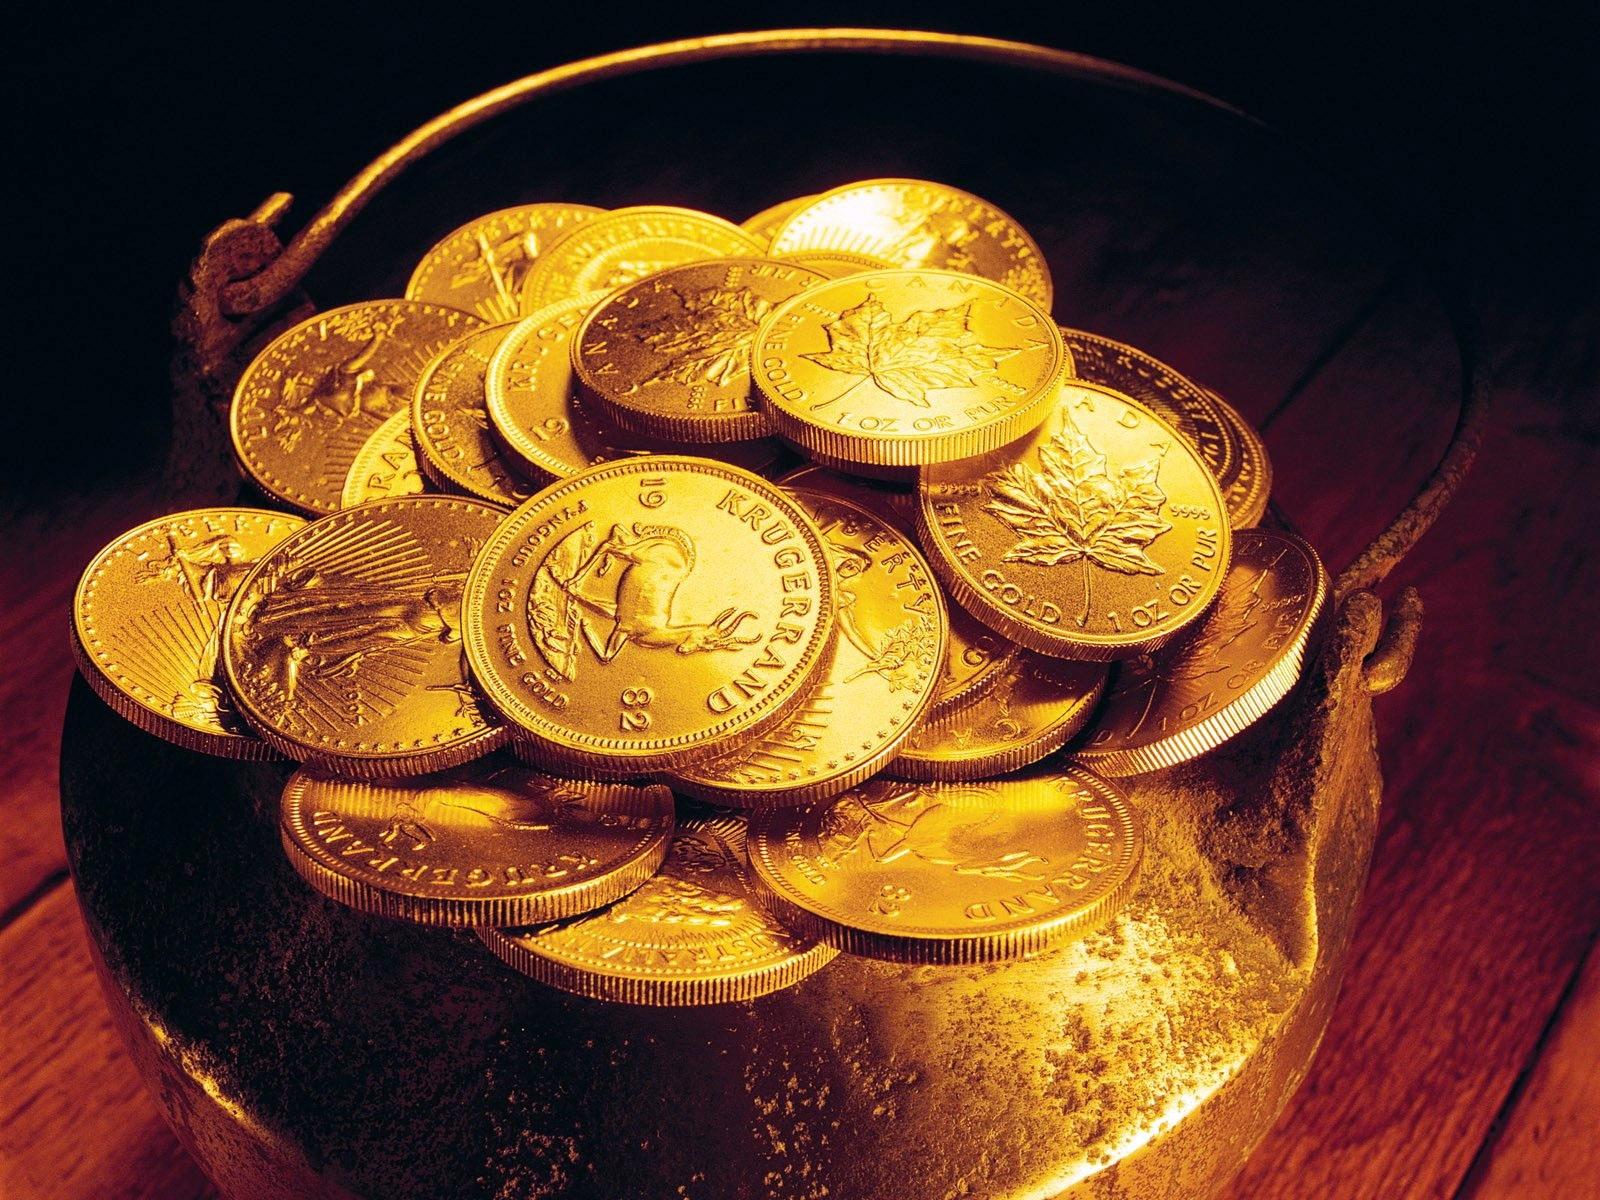 3819 Заставки и Обои Деньги на телефон. Скачать Деньги, Объекты, Золото картинки бесплатно